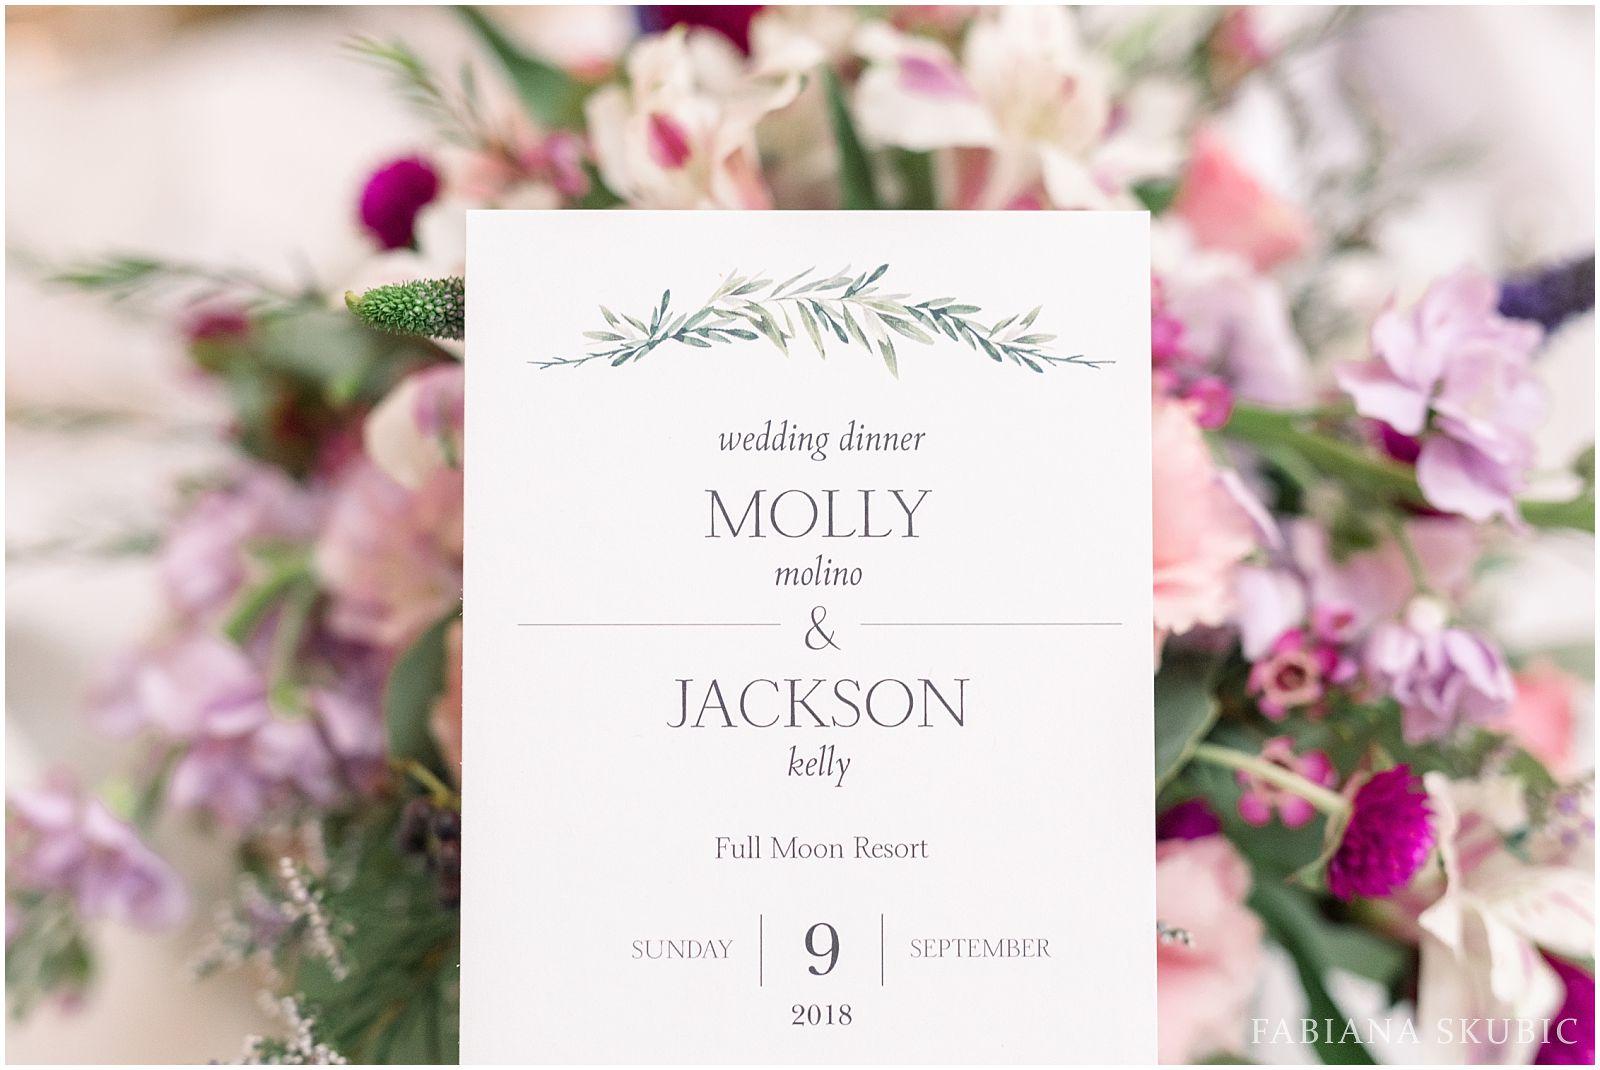 FabianaSkubic_J&M_FullMoonResort_Wedding_0080.jpg